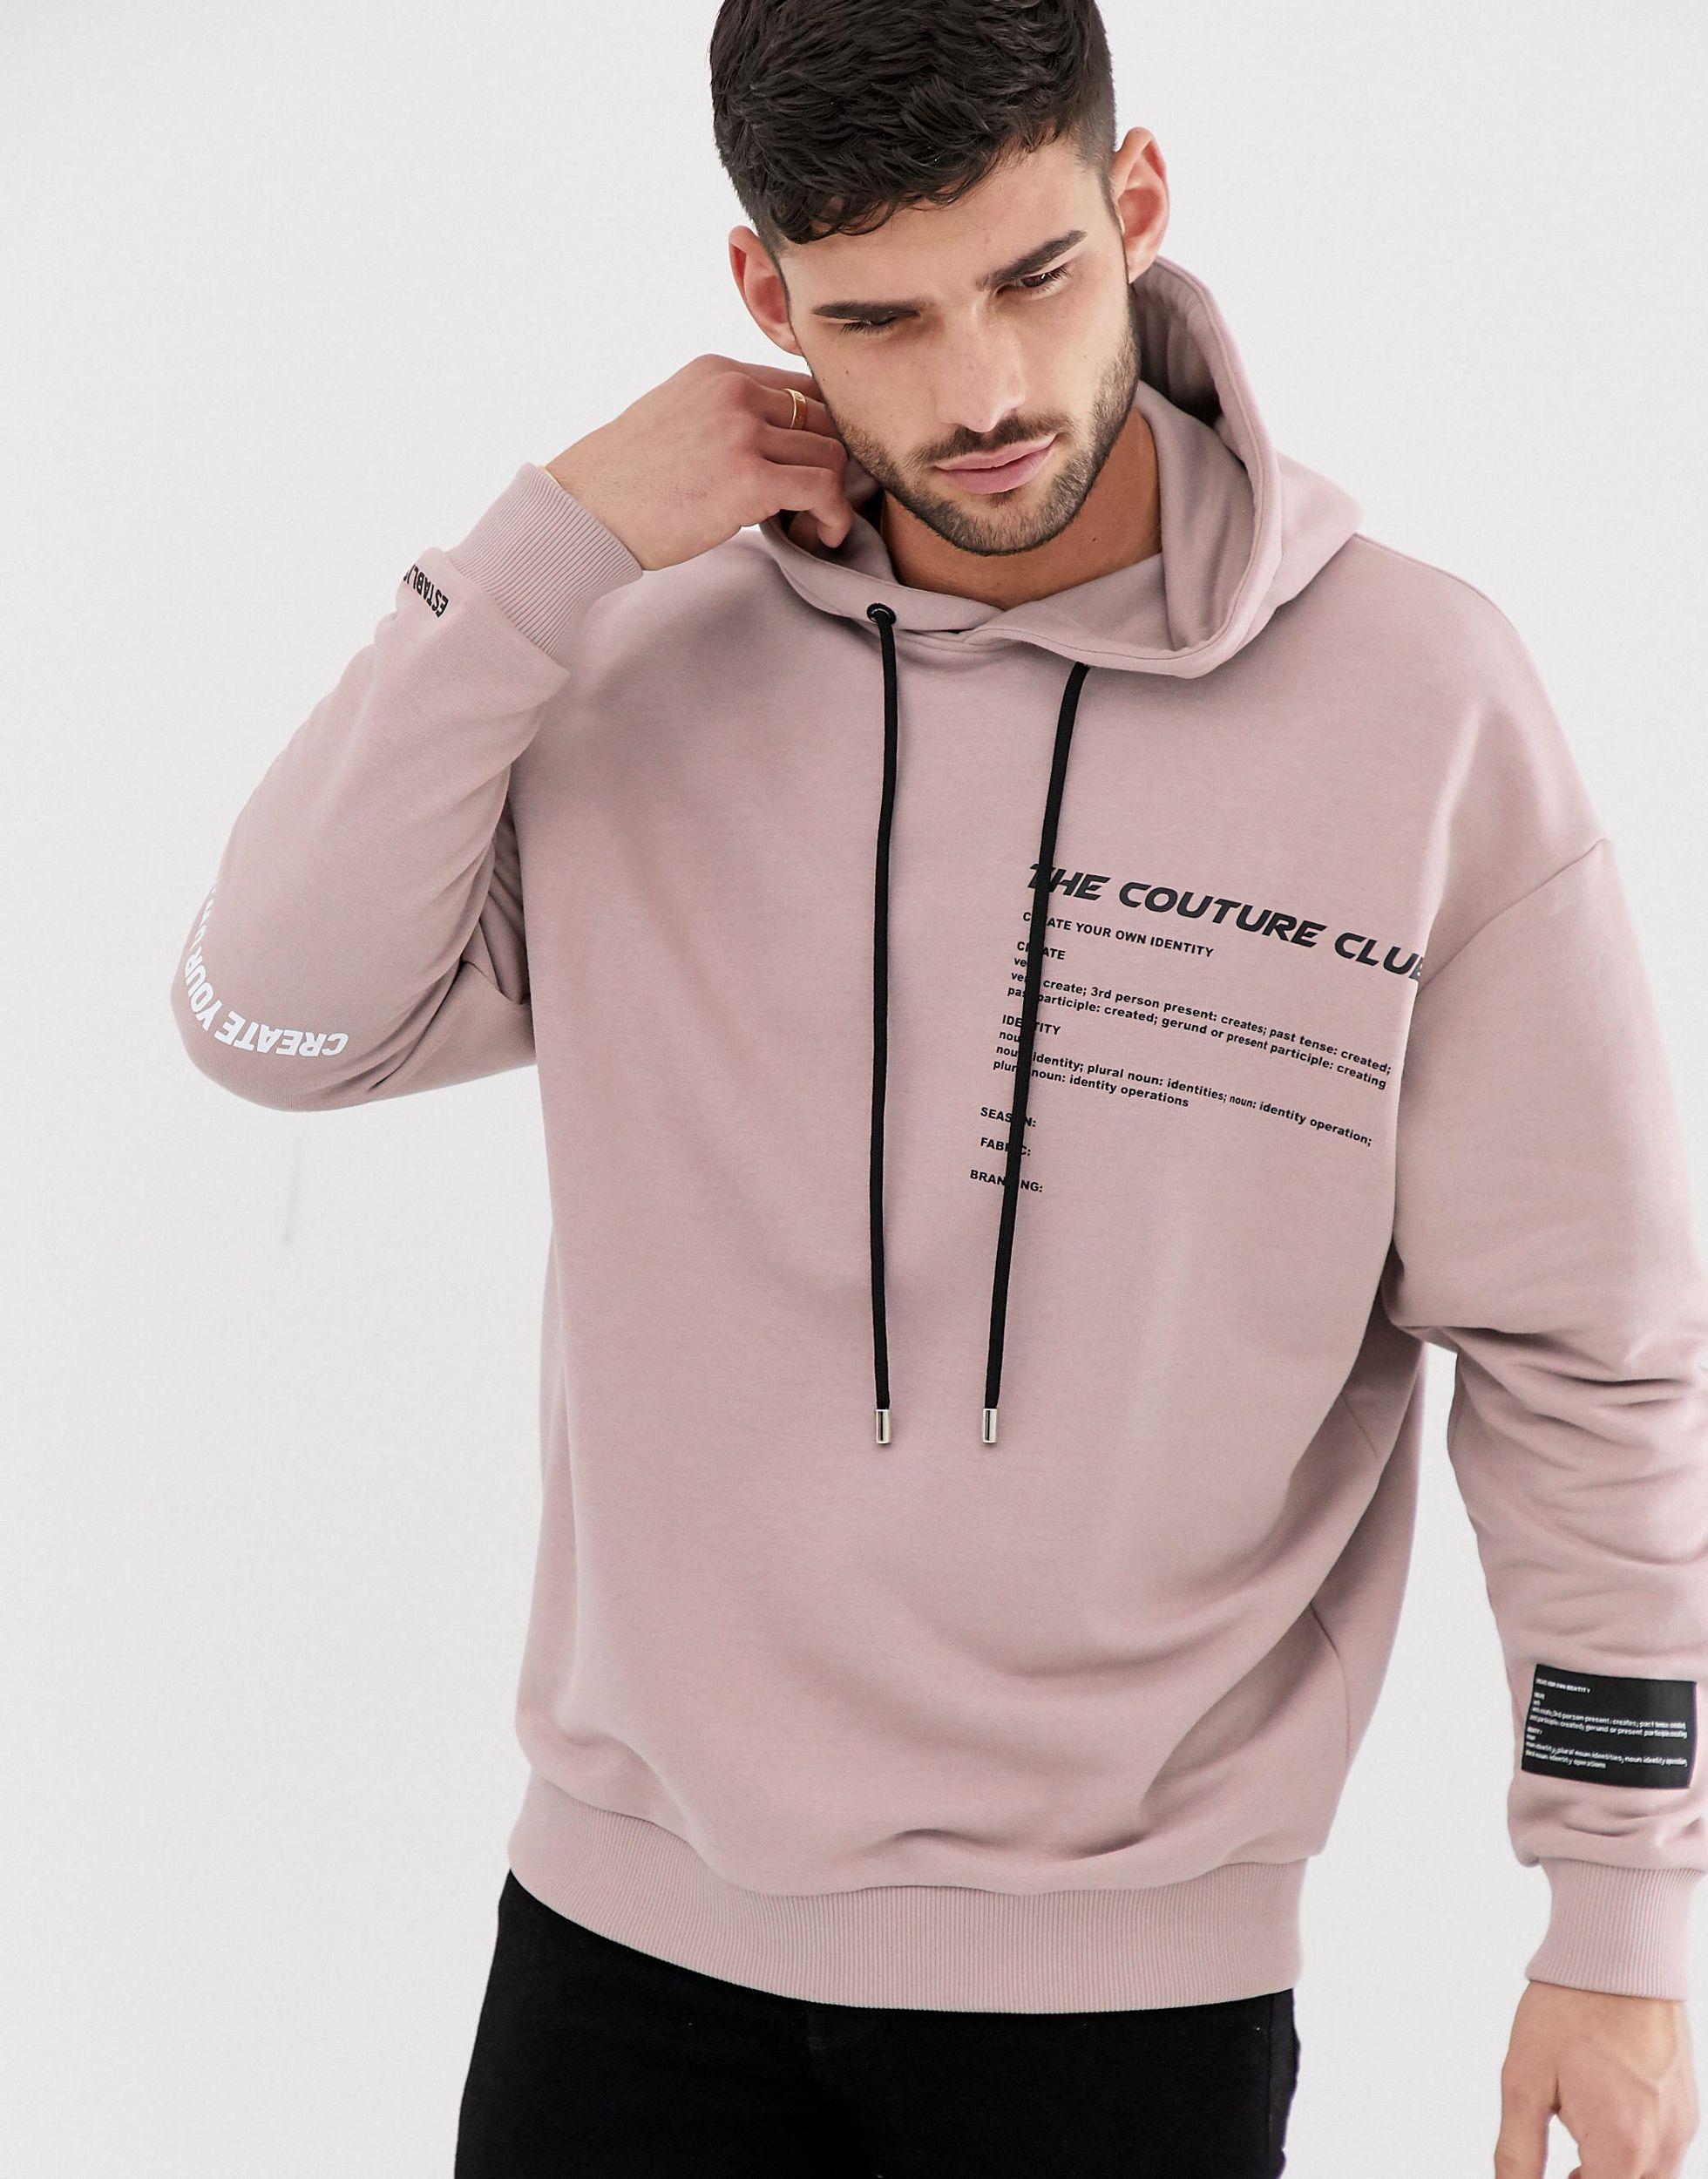 Mr.Macy Men Leisure Sports Hooded Zipper Sweatshirt Fashion Jacket Casual Coat